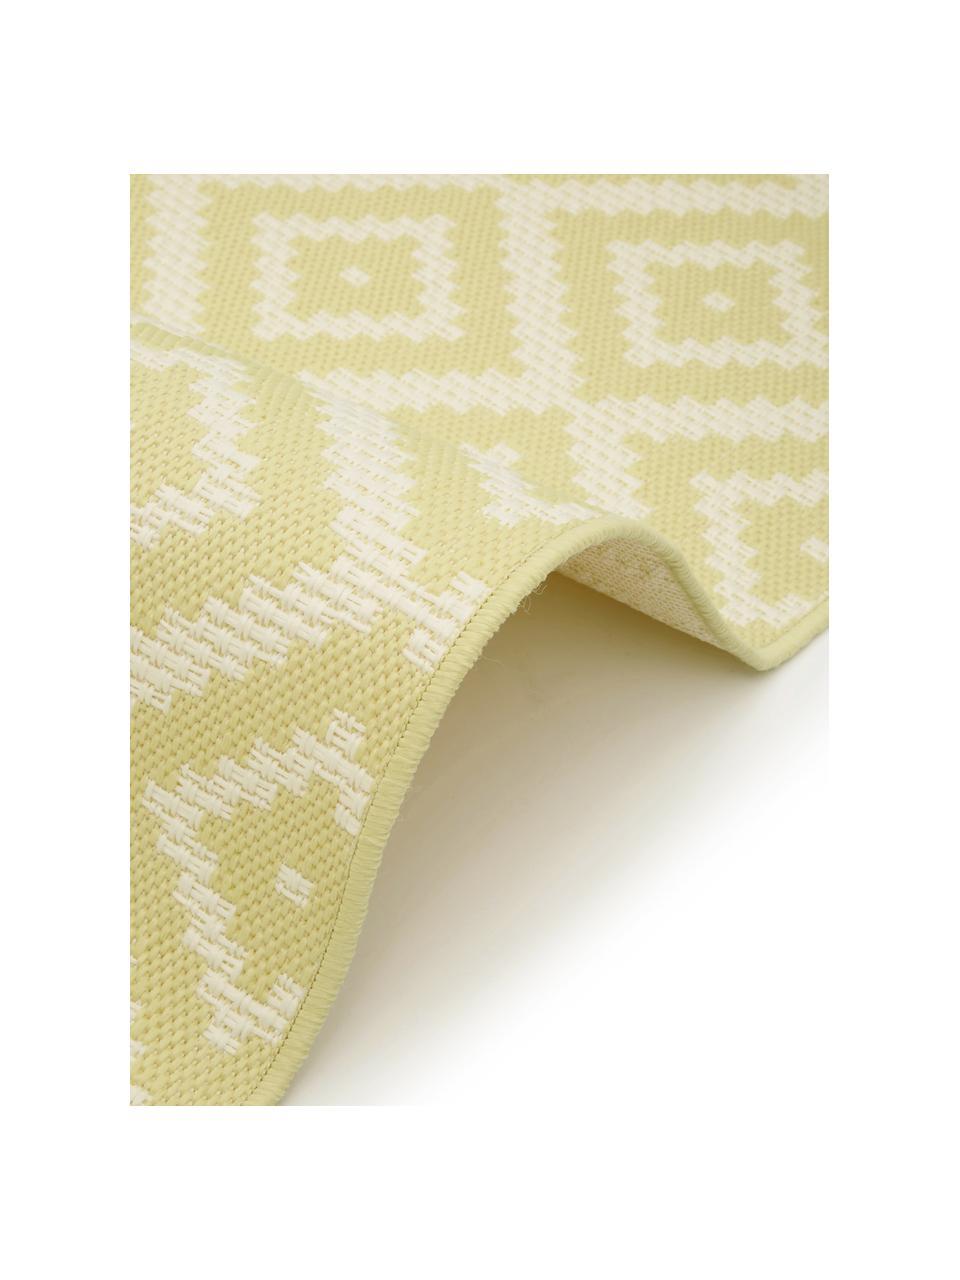 Gemusterter In- & Outdoor-Teppich Miami in Gelb/Weiß, 86% Polypropylen, 14% Polyester, Weiß, Gelb, B 200 x L 290 cm (Größe L)